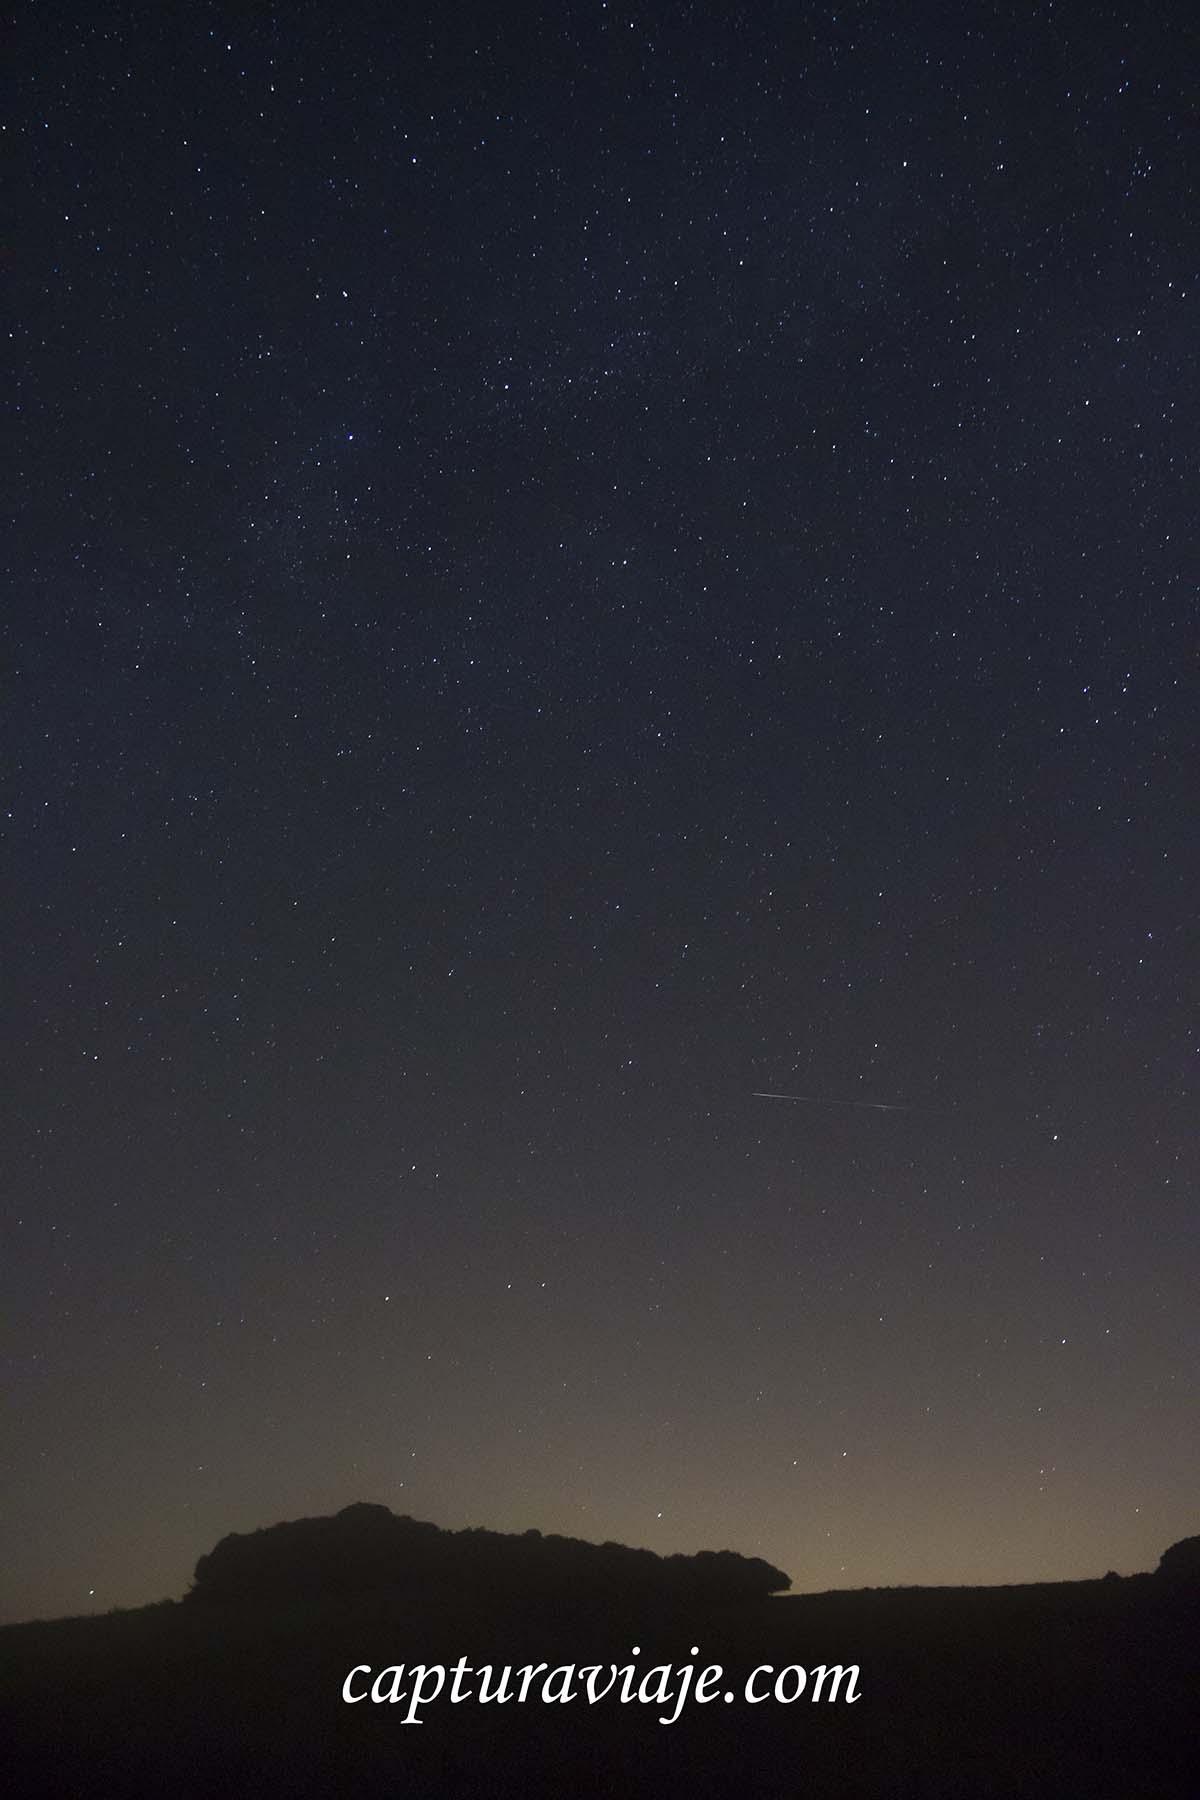 Eta Acuáridas 2013 Estrella Fugaz Y Neblina Capturadas Capturaviaje